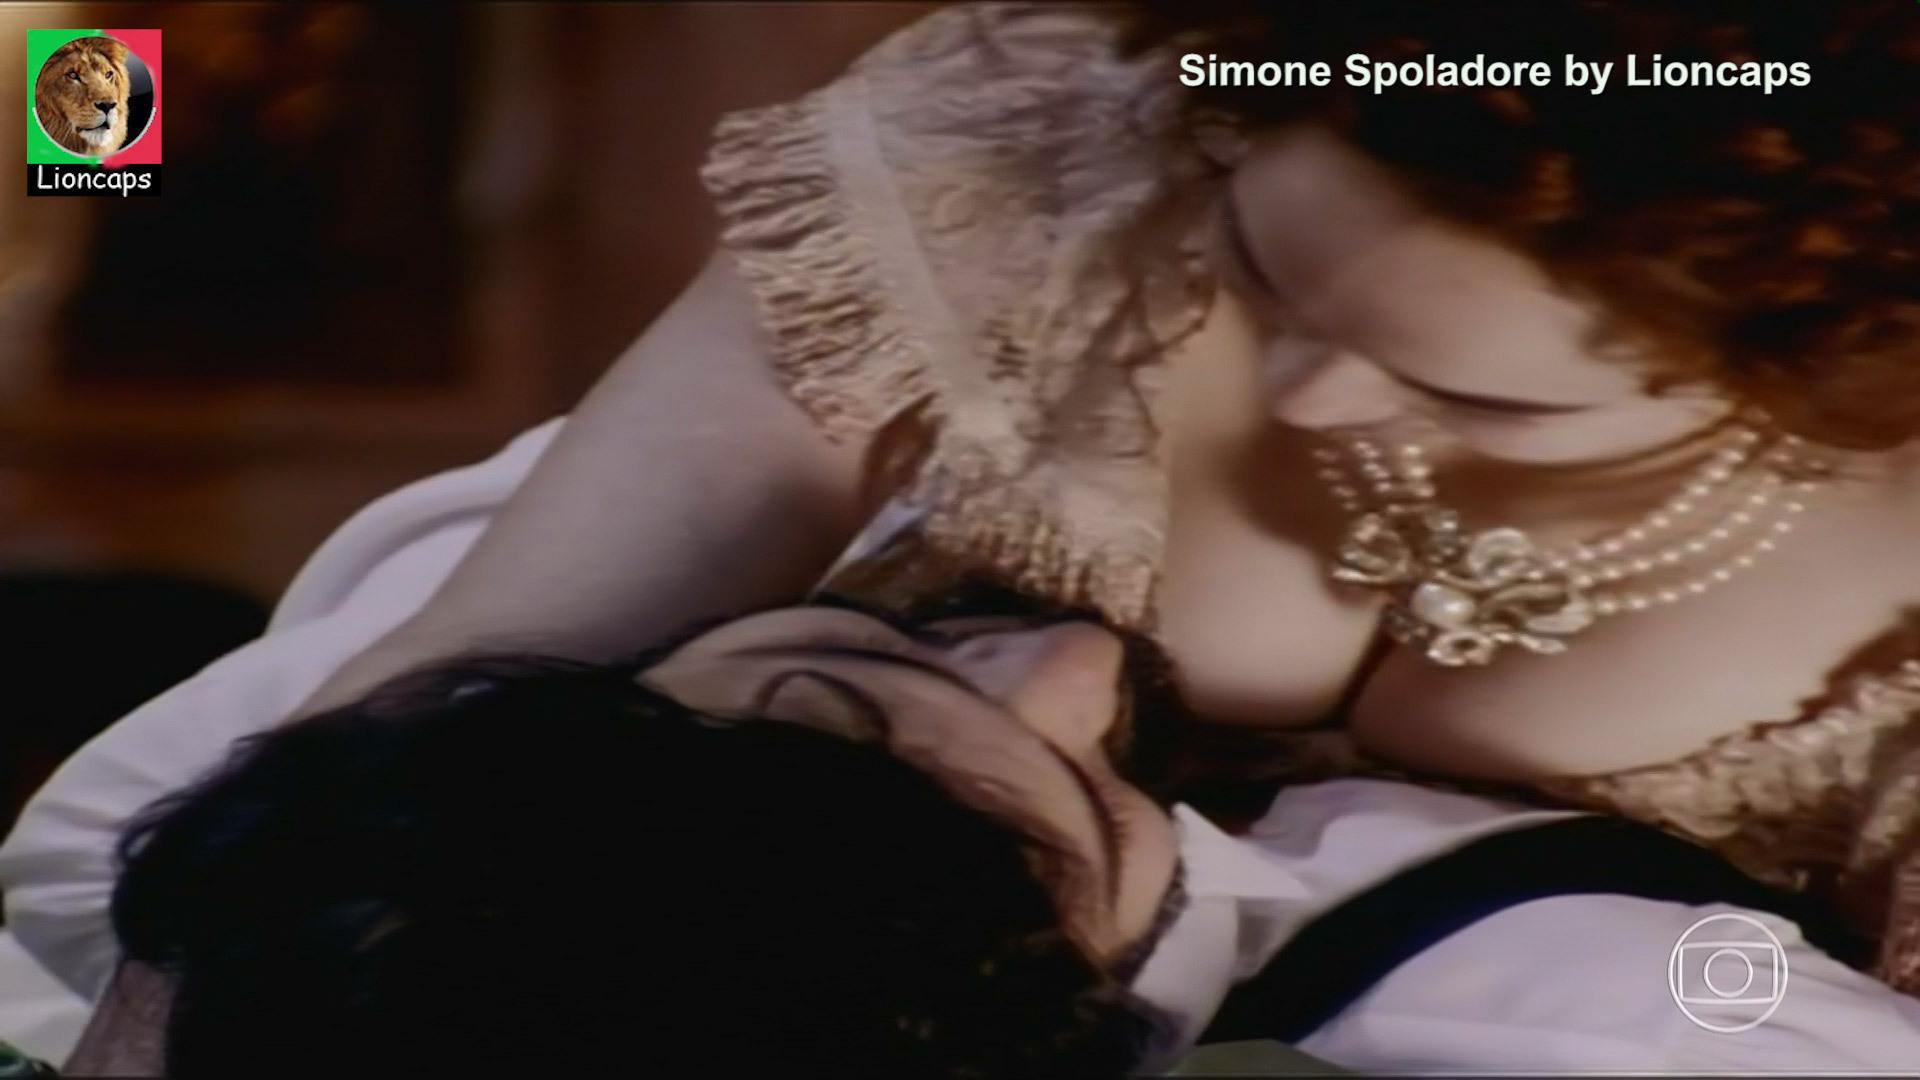 simone_spoladore_maias (8).jpg